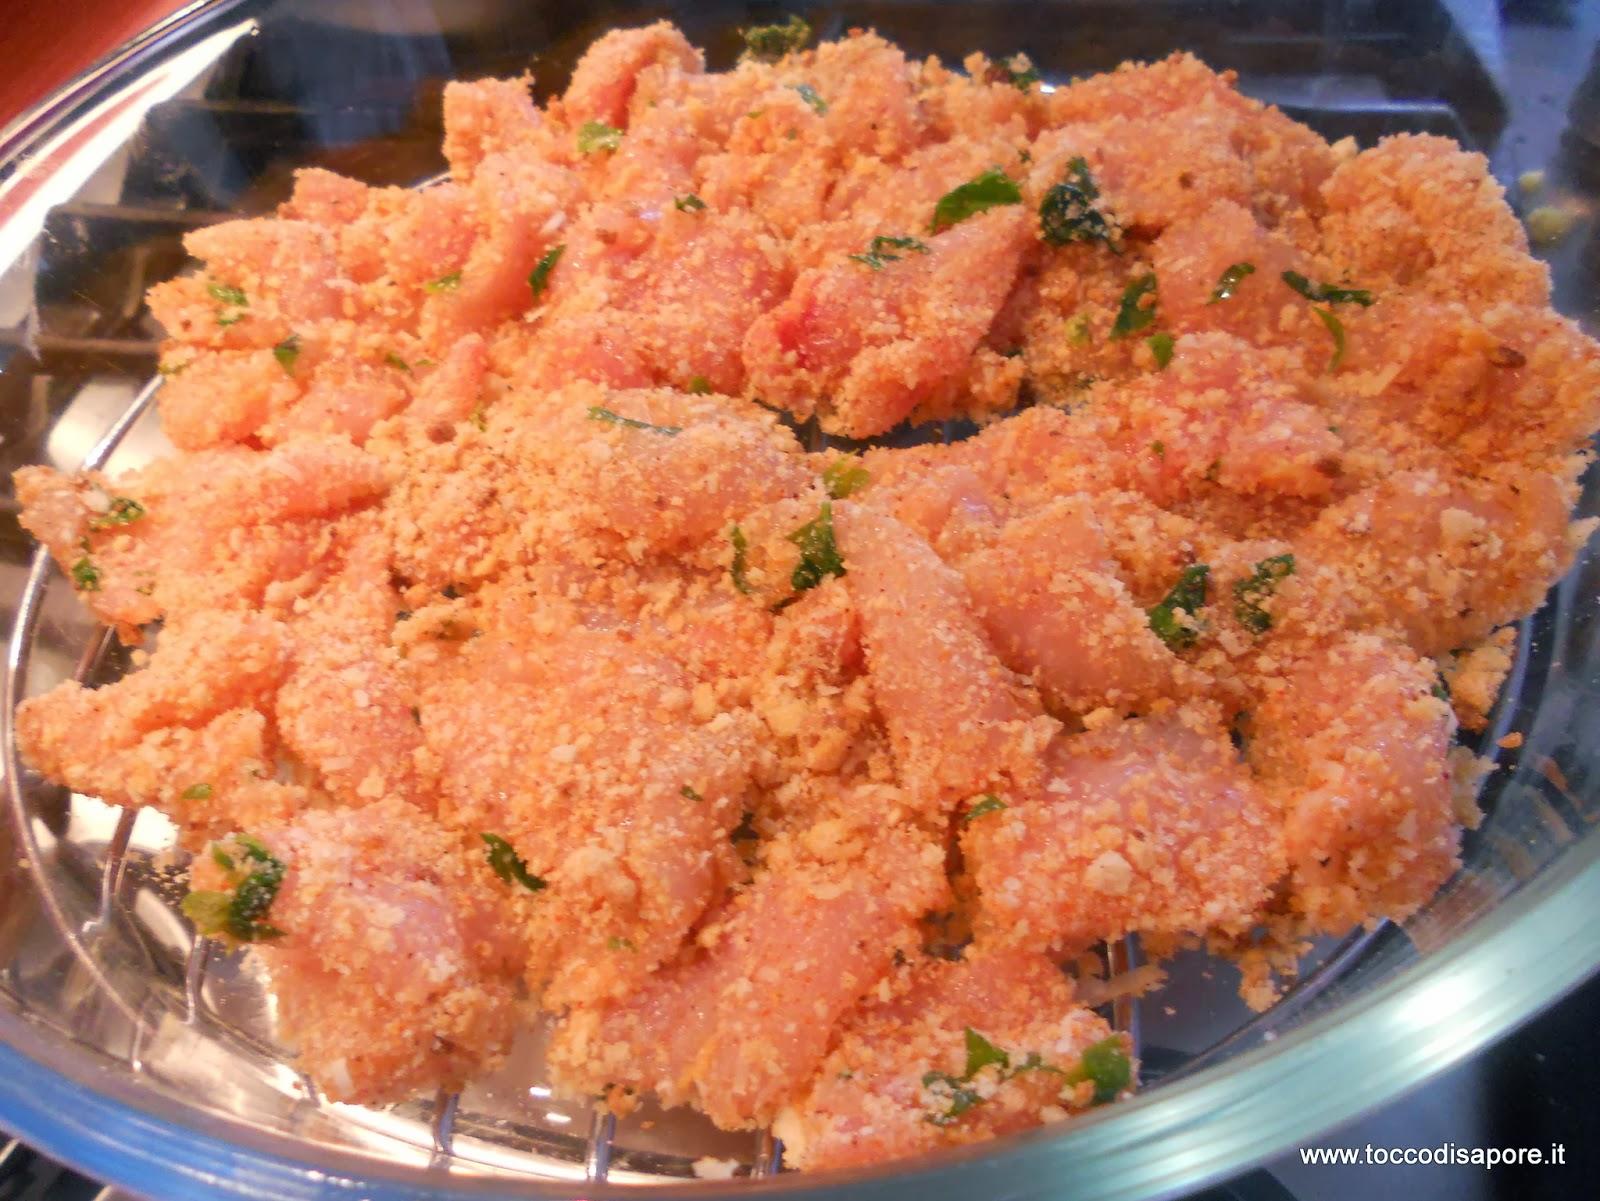 Tocchetti di pollo al gratin pronti per essere cucinati